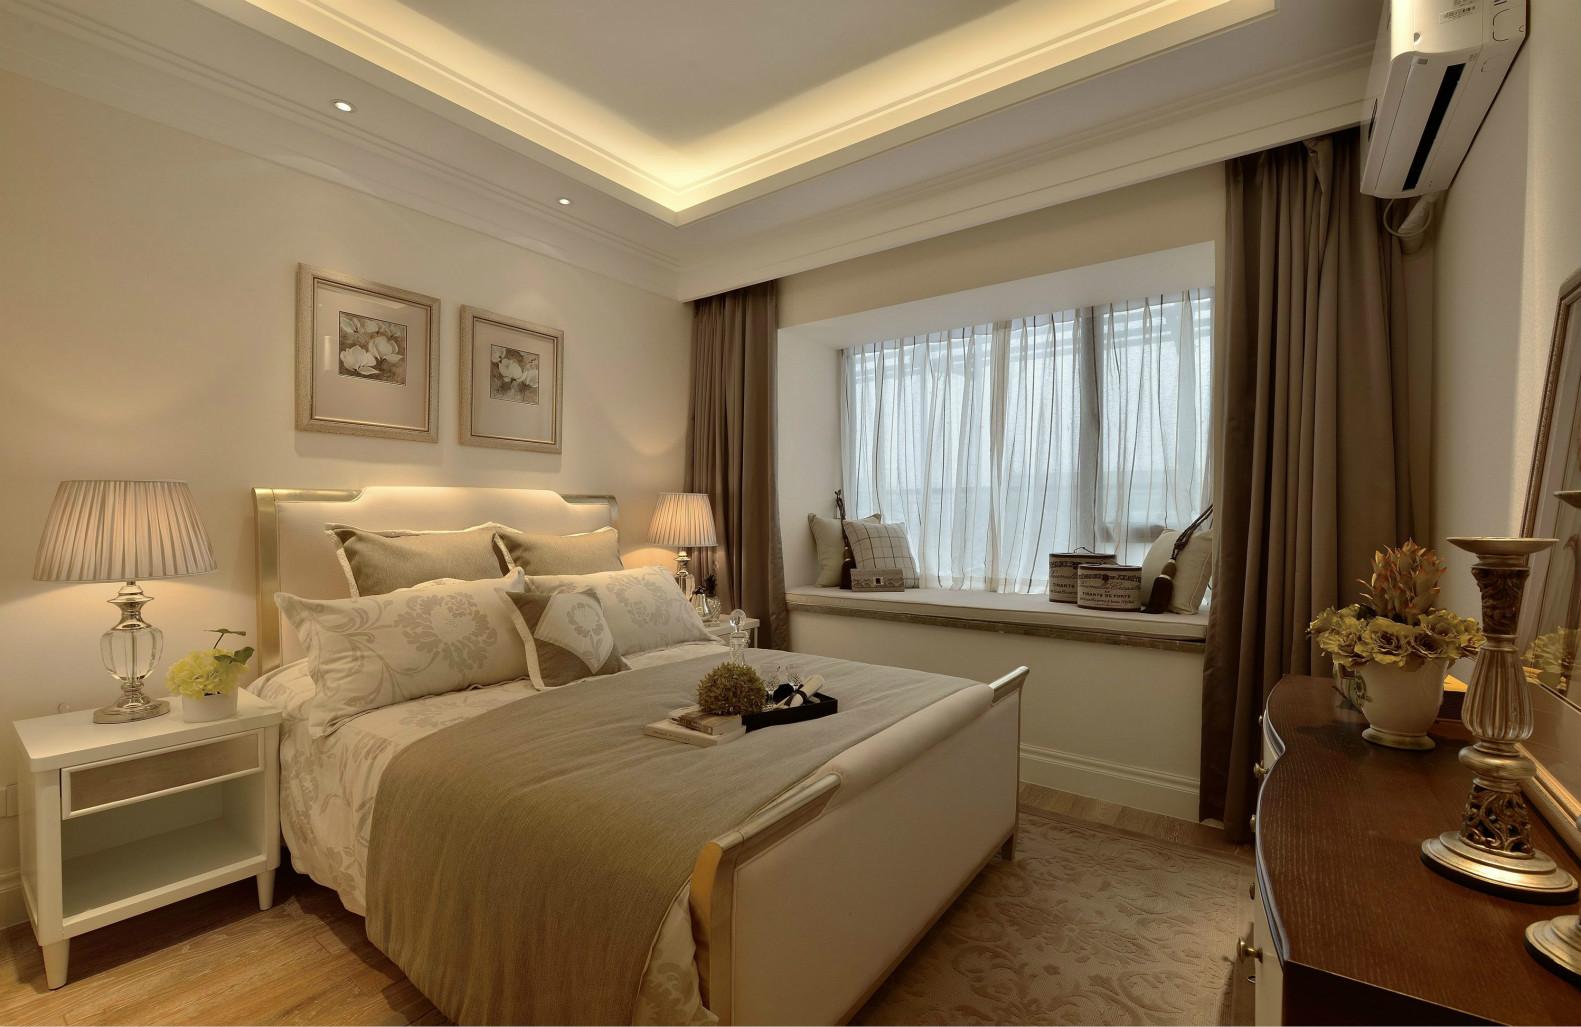 卧室温馨的色调,加上简单的装饰,适合安静的休憩